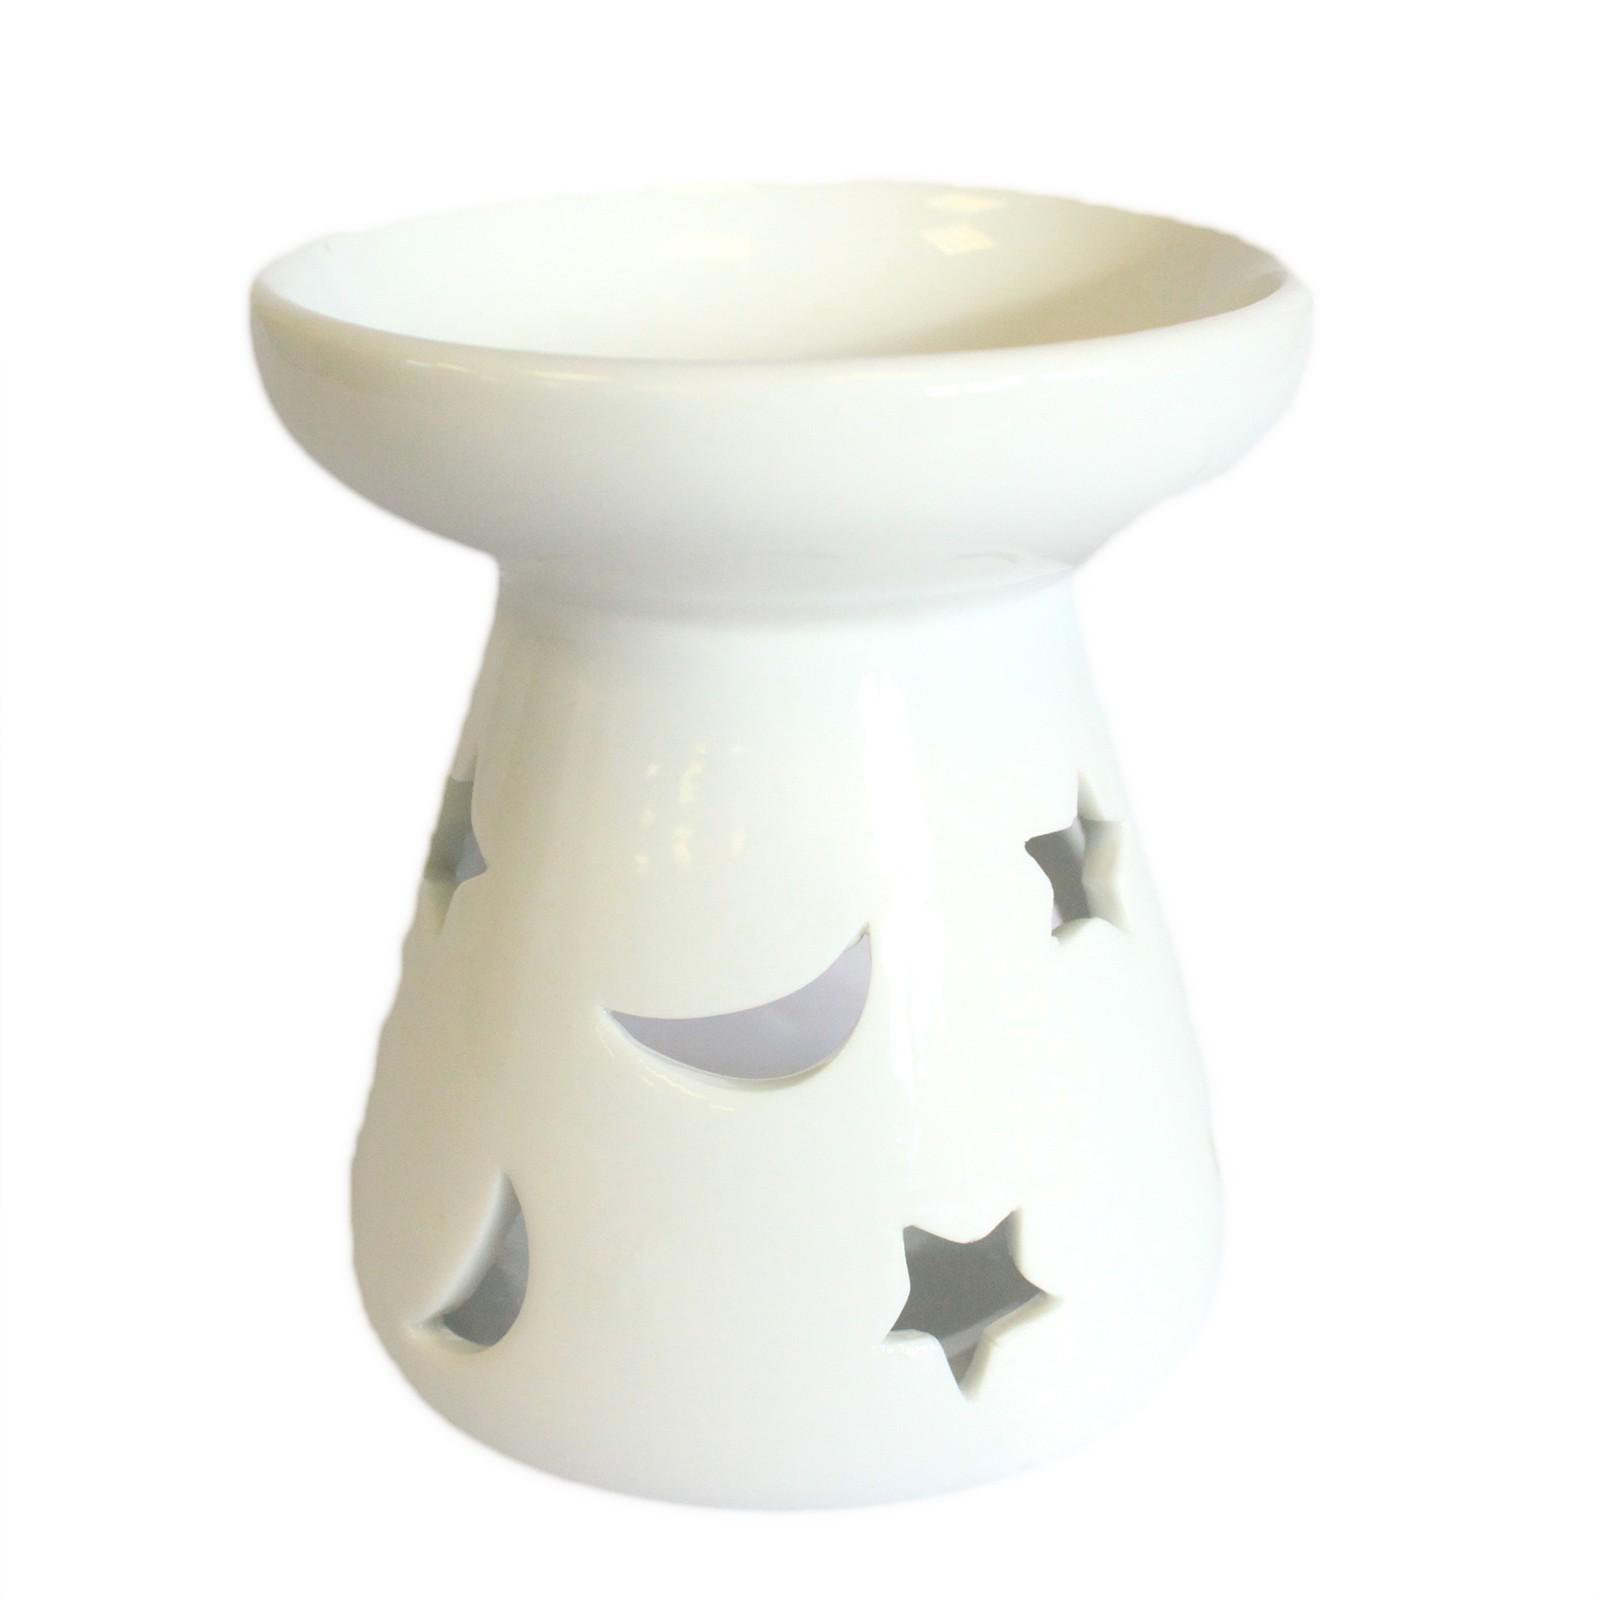 MAUR.cz Bílá keramická aromalampa - Měsíc a hvězdy